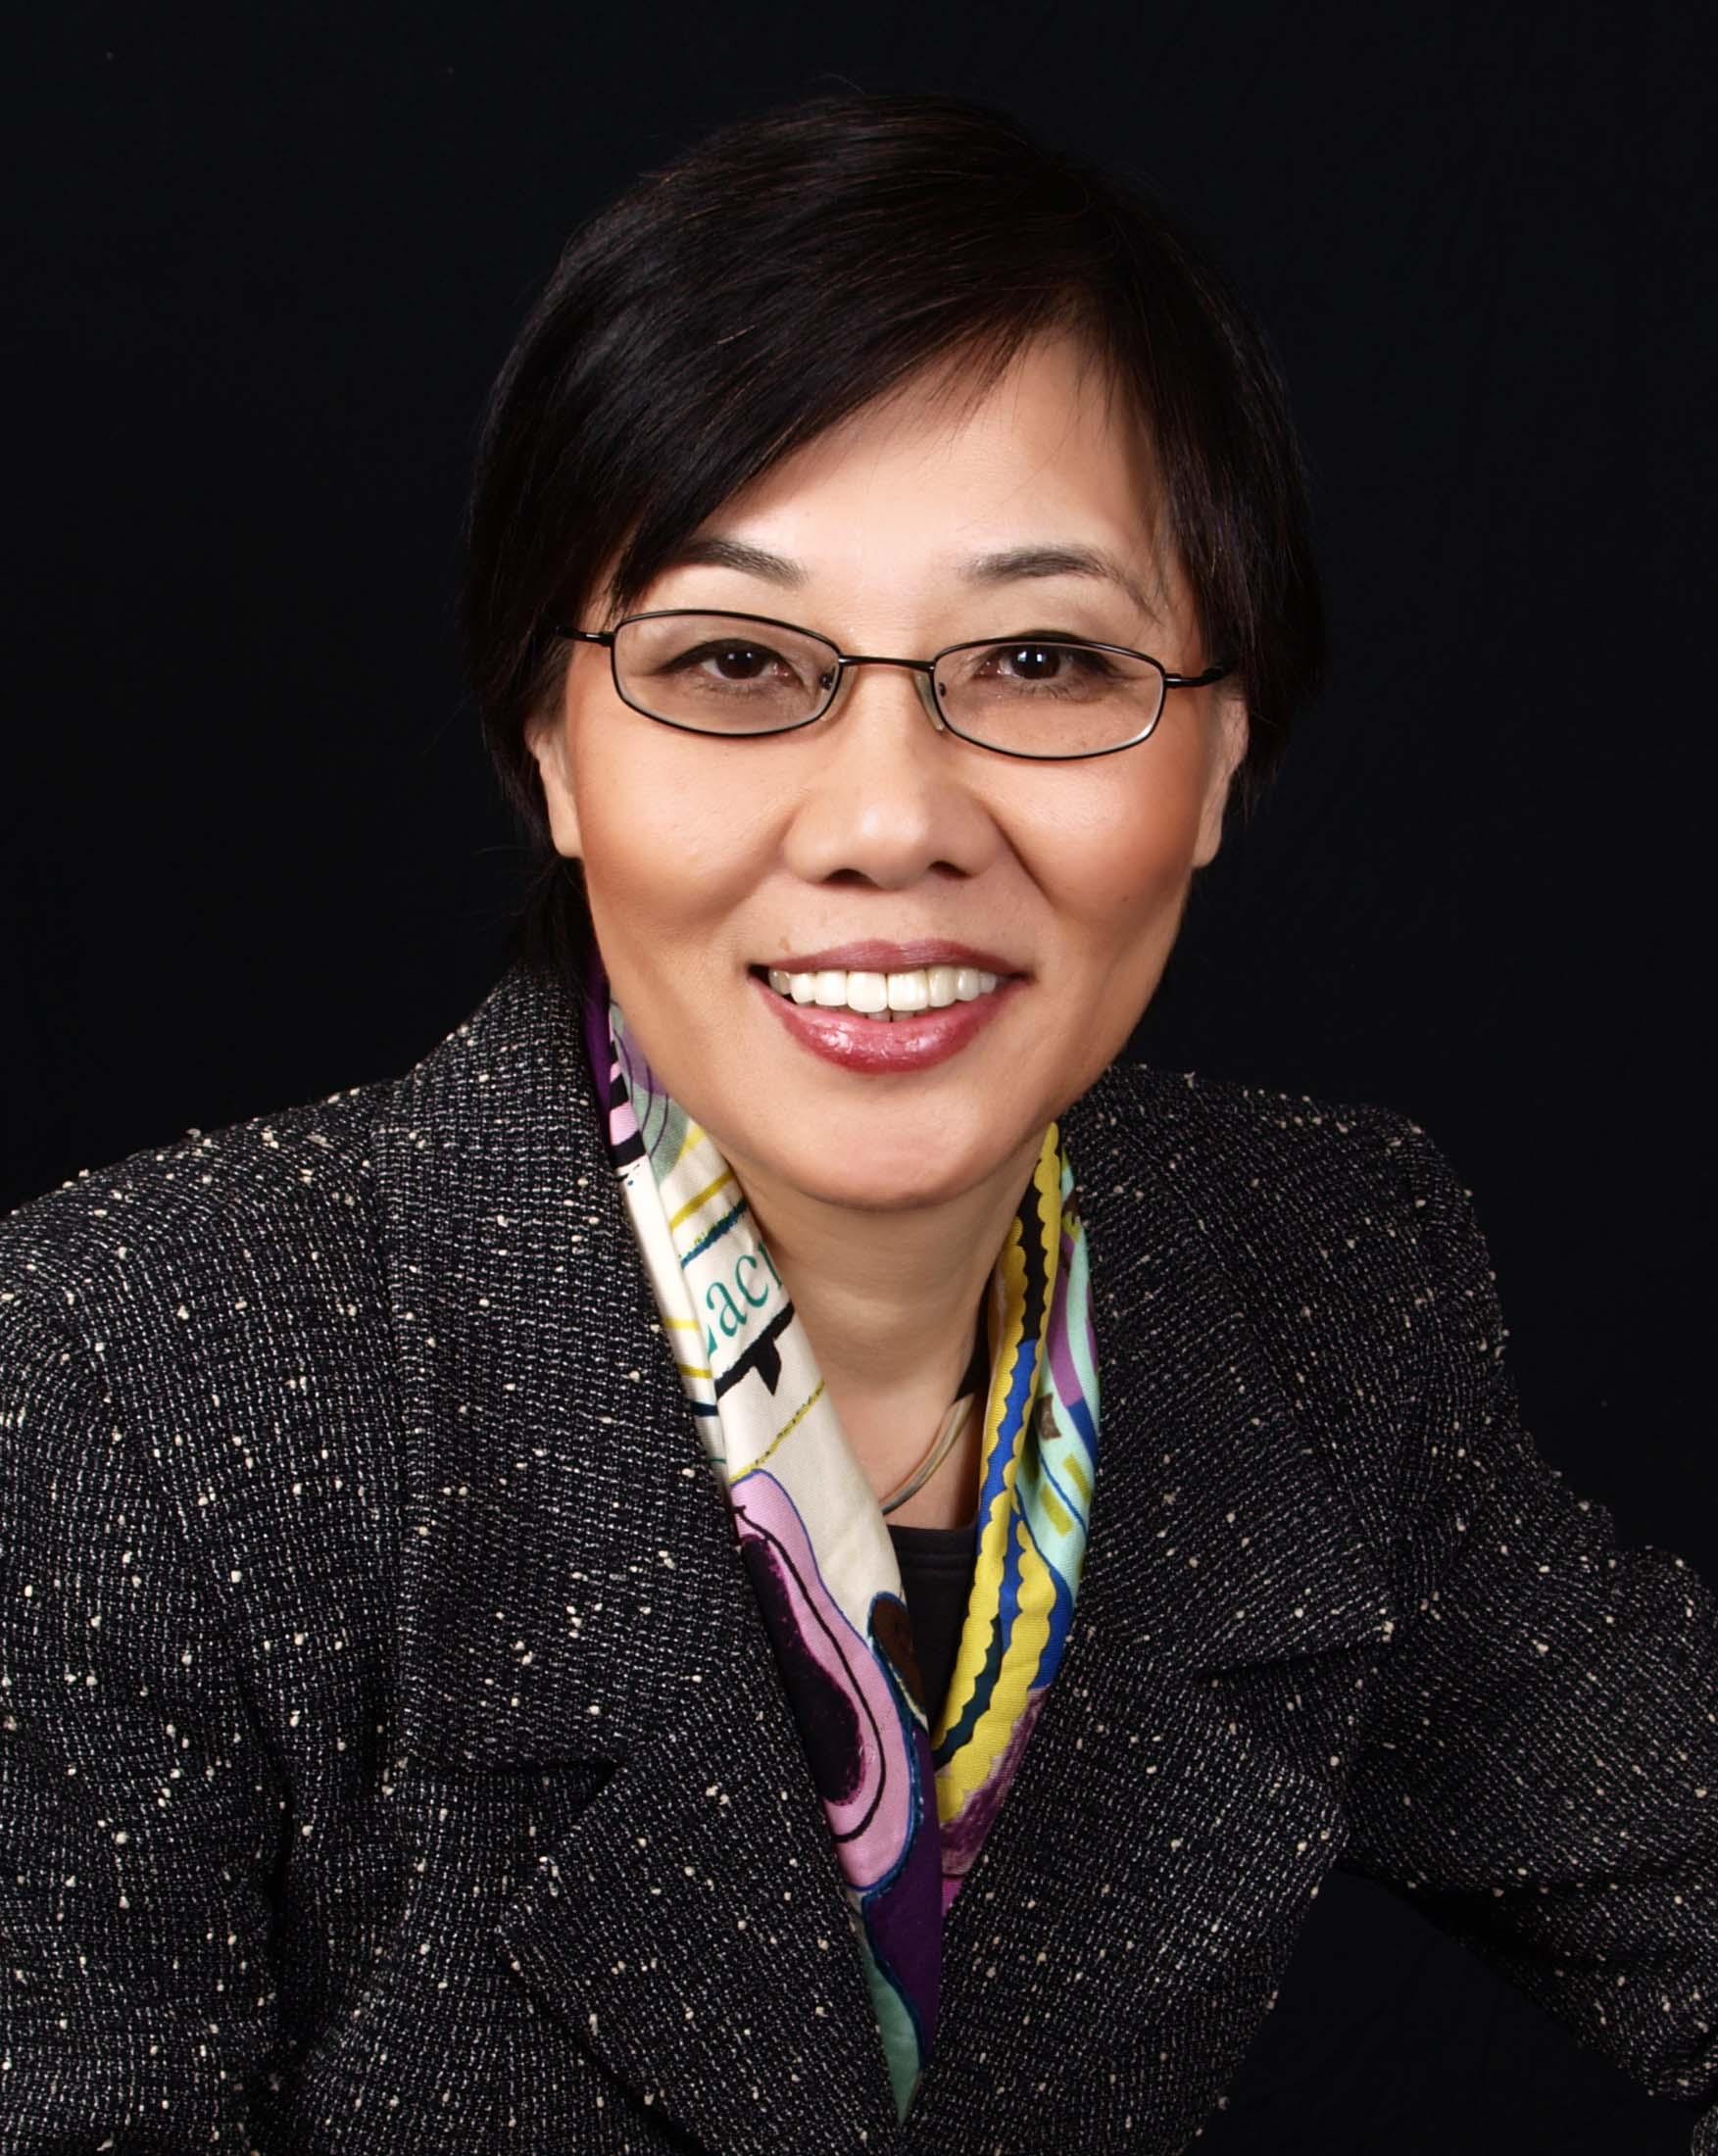 Aiko Ichimura